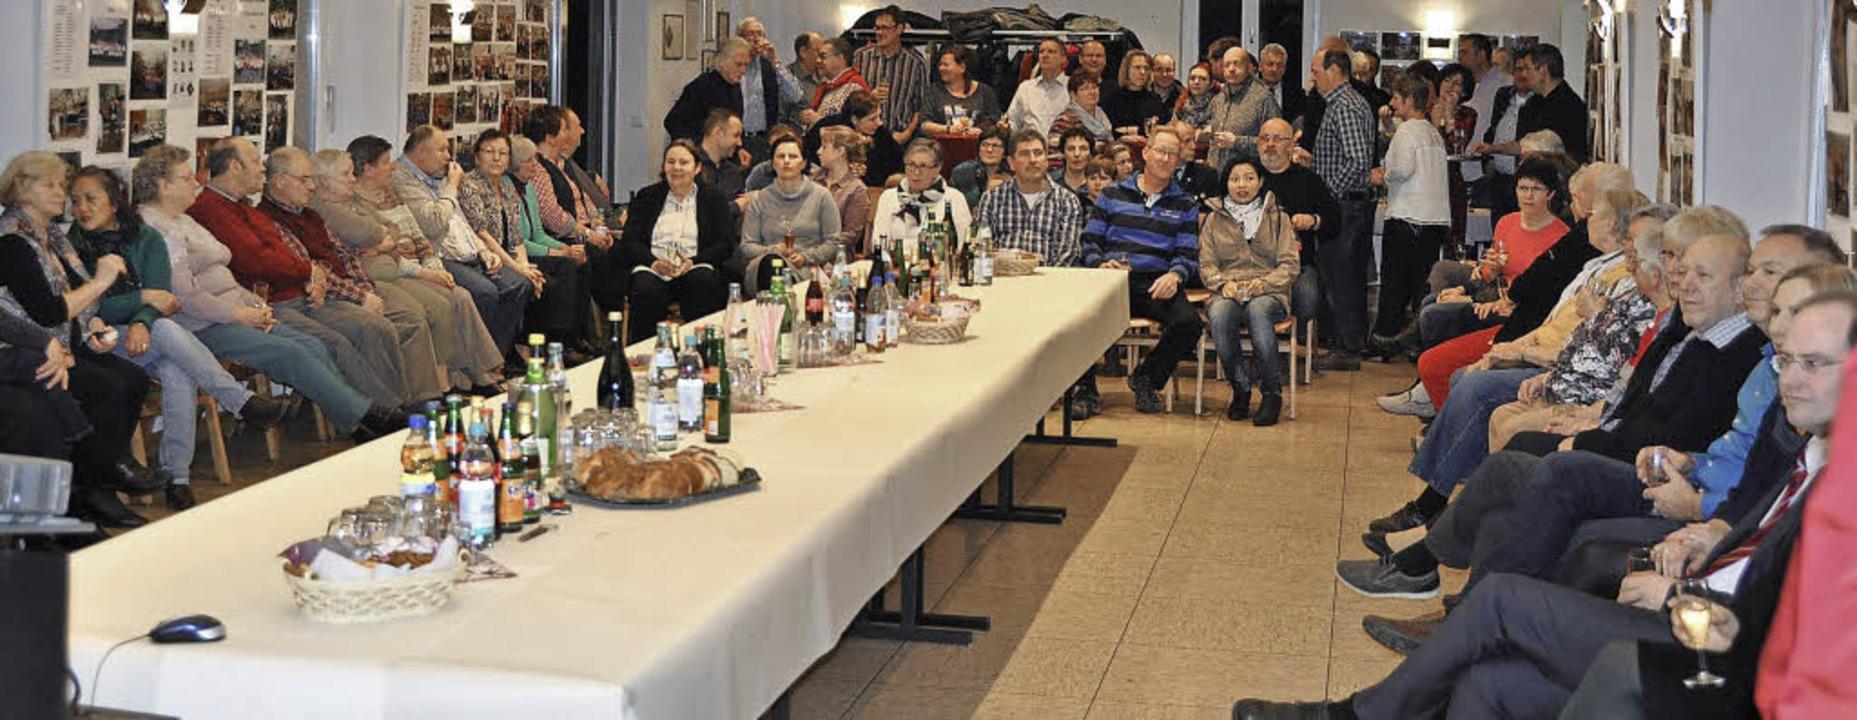 Gut besucht war der Neujahrsempfang des Ortschaftsrates Feuerbach.   | Foto: Ilse Wißner